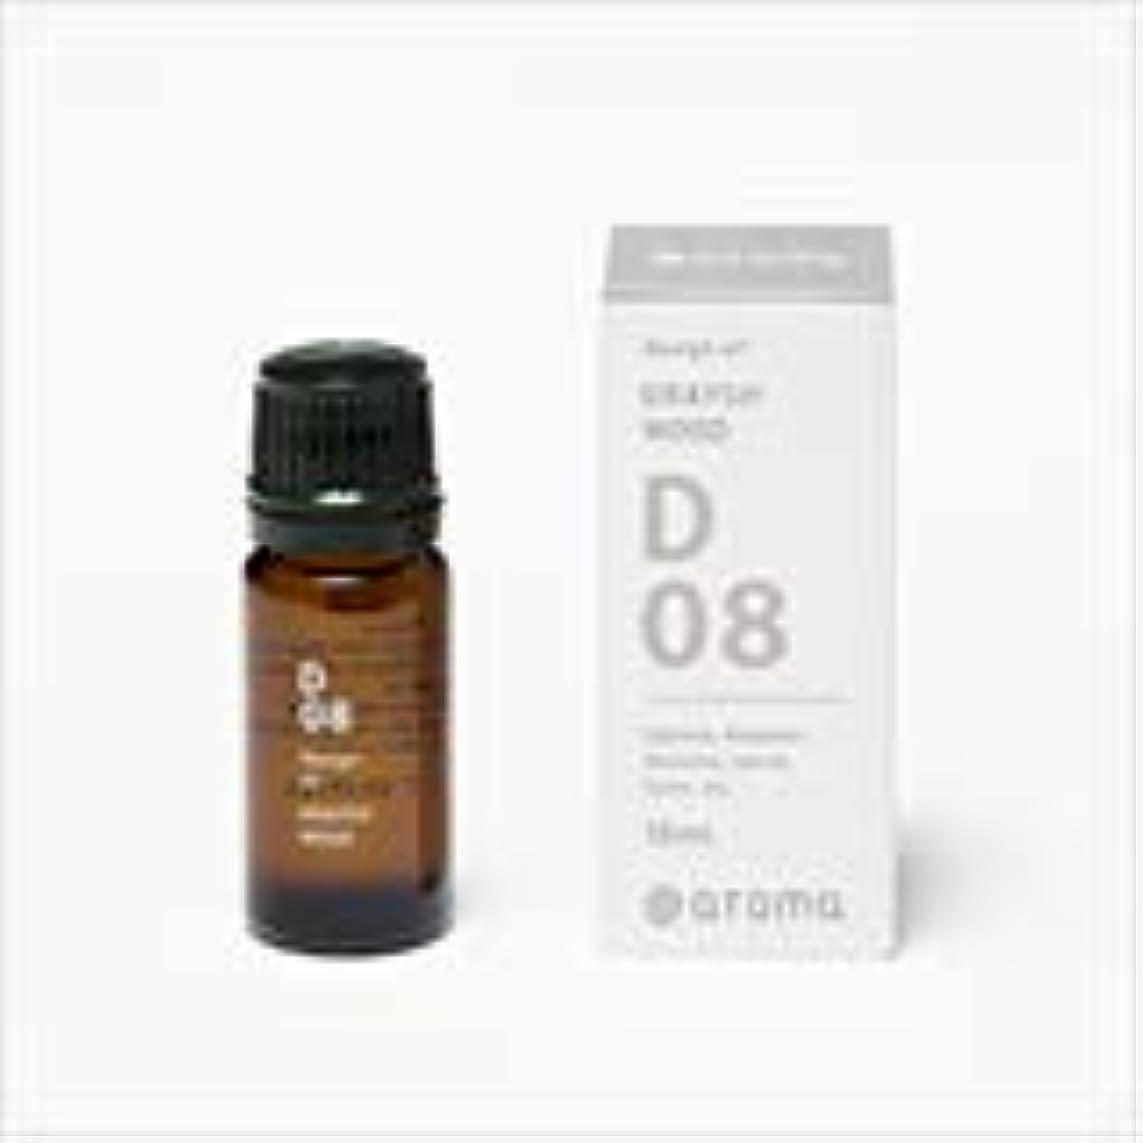 貴重な然とした気づくアットアロマ 100%pure essential oil <Design air バニラベージュ>